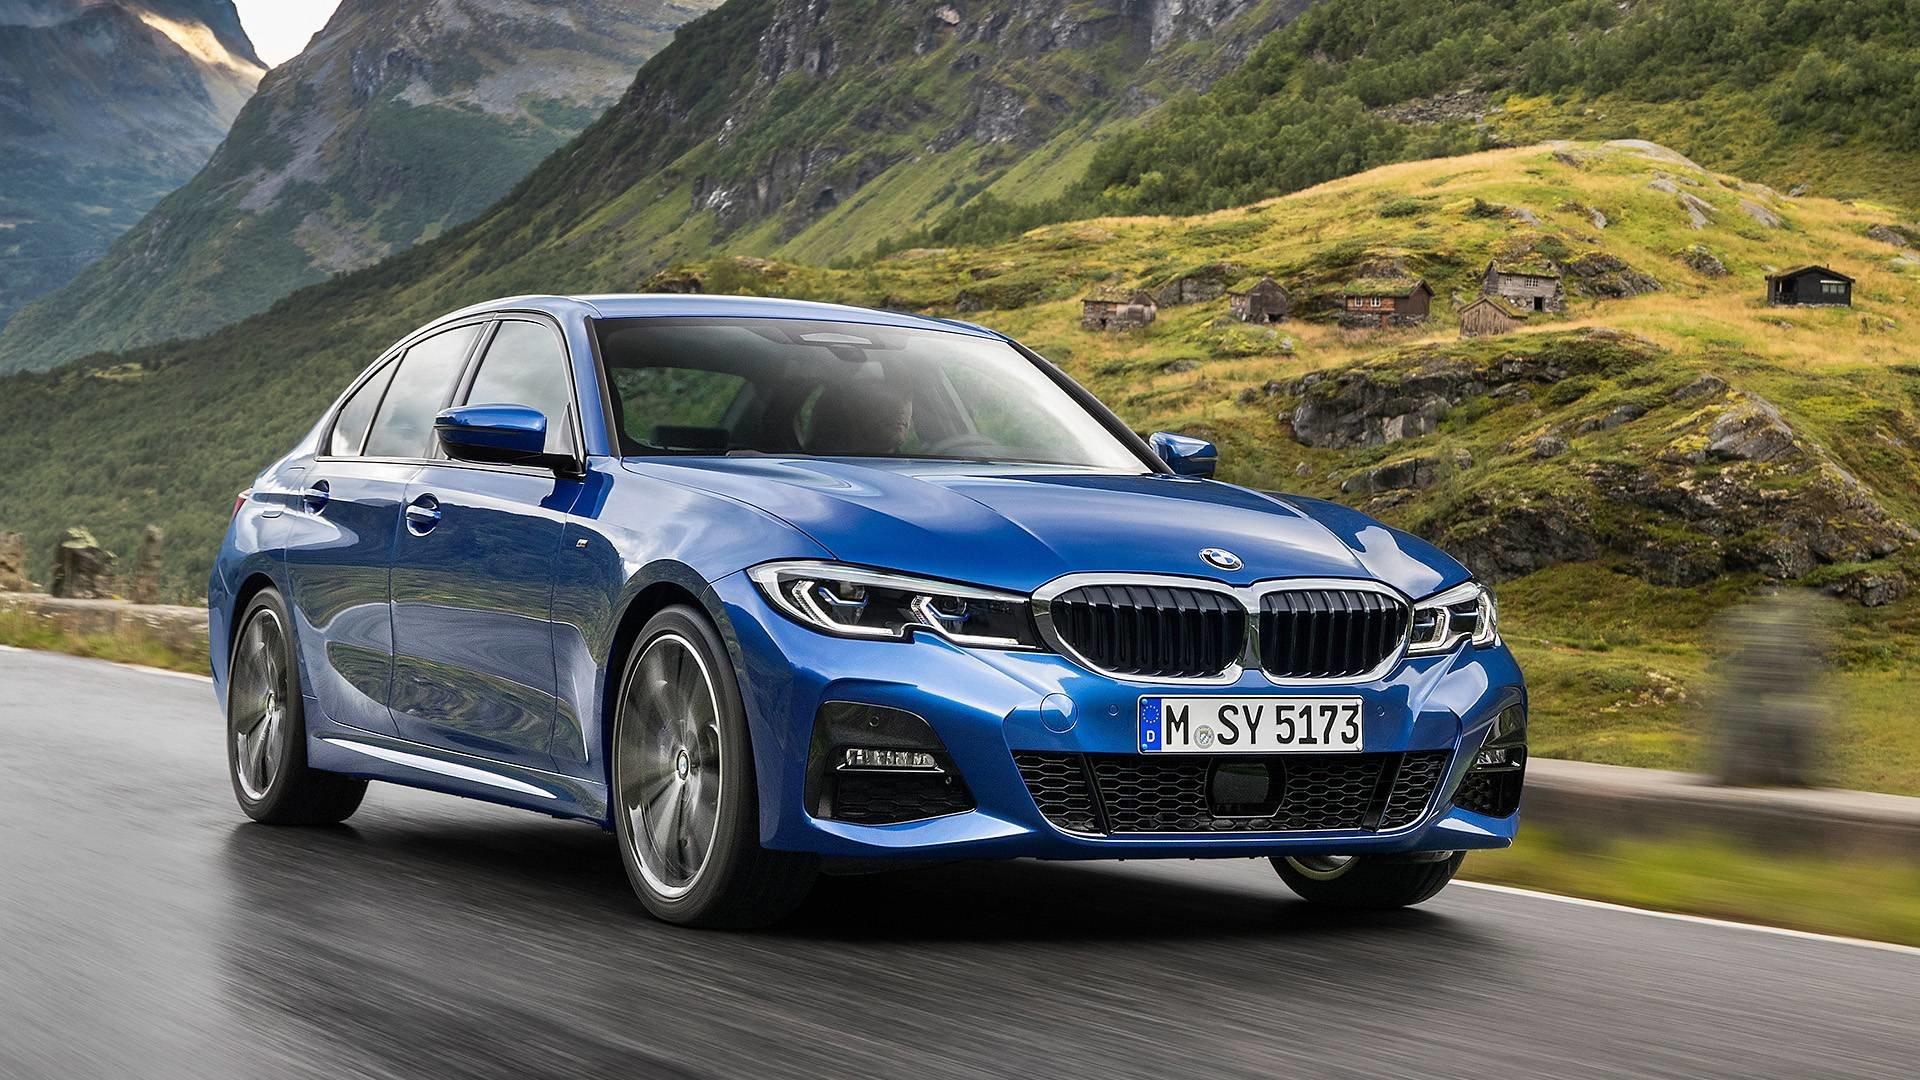 О чем говорит шильдик GT на кузове BMW третьей серии